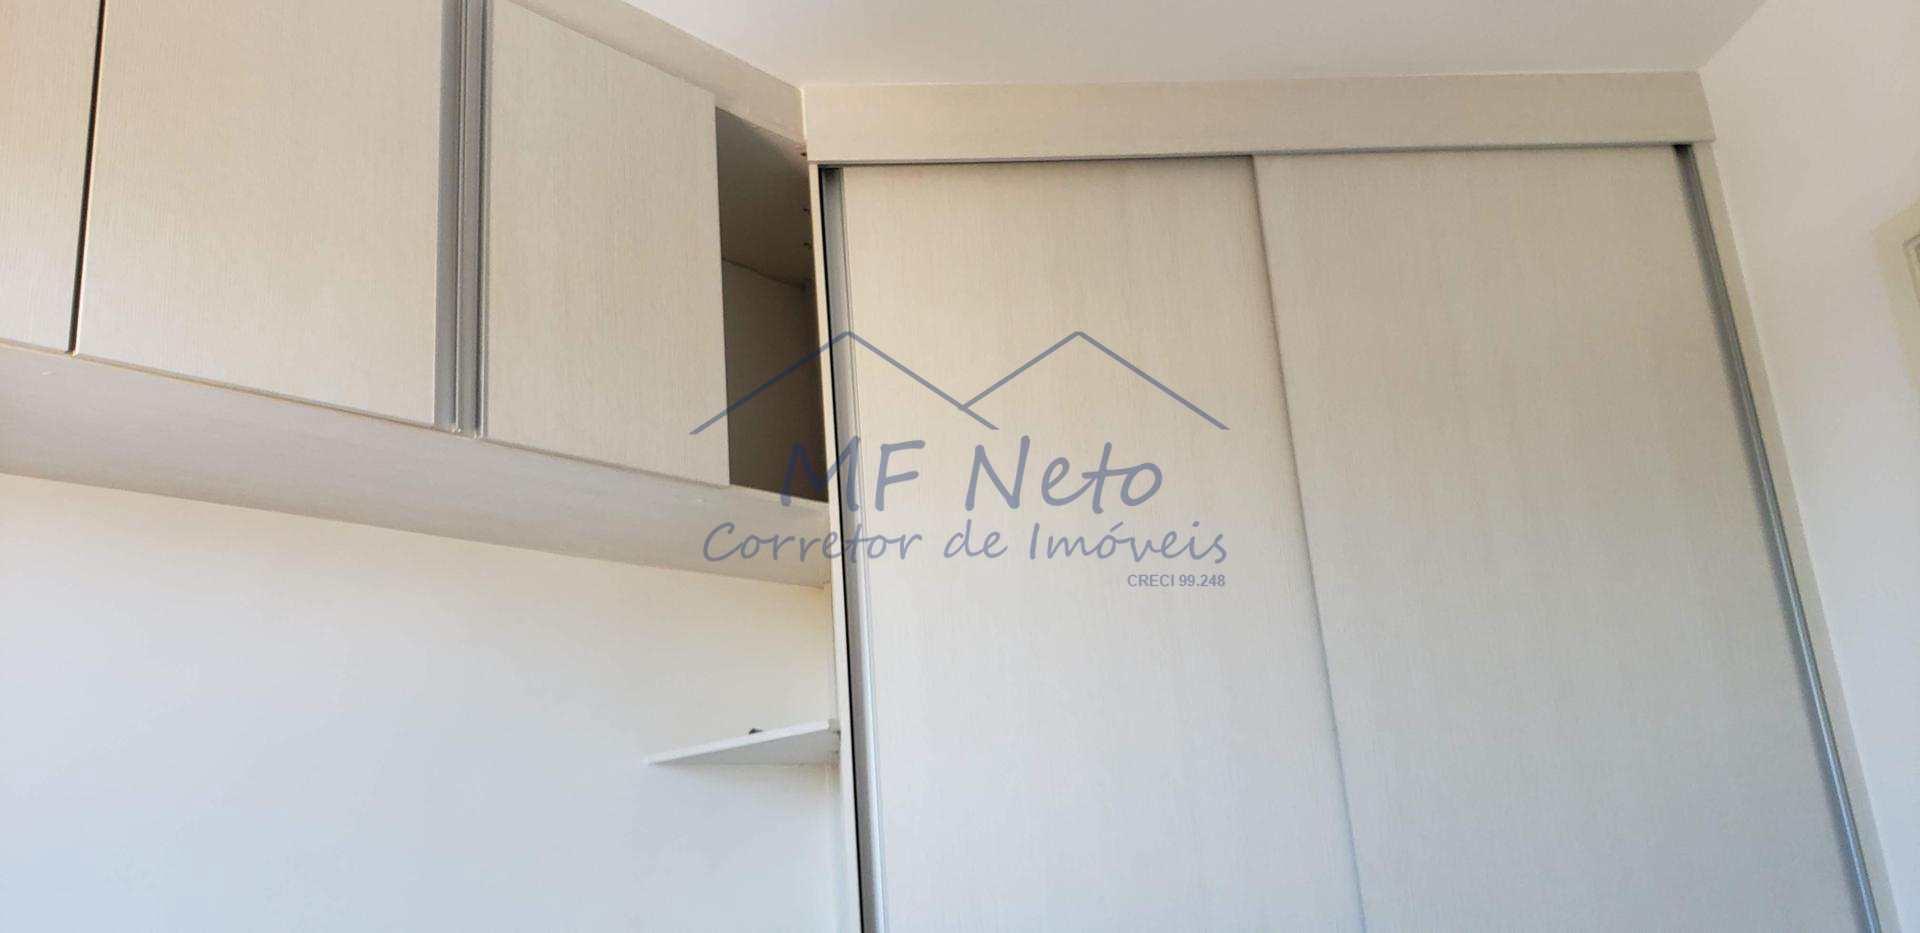 Apartamento com 2 dorms, Vila Santa Terezinha, Pirassununga - R$ 200 mil, Cod: 10131640